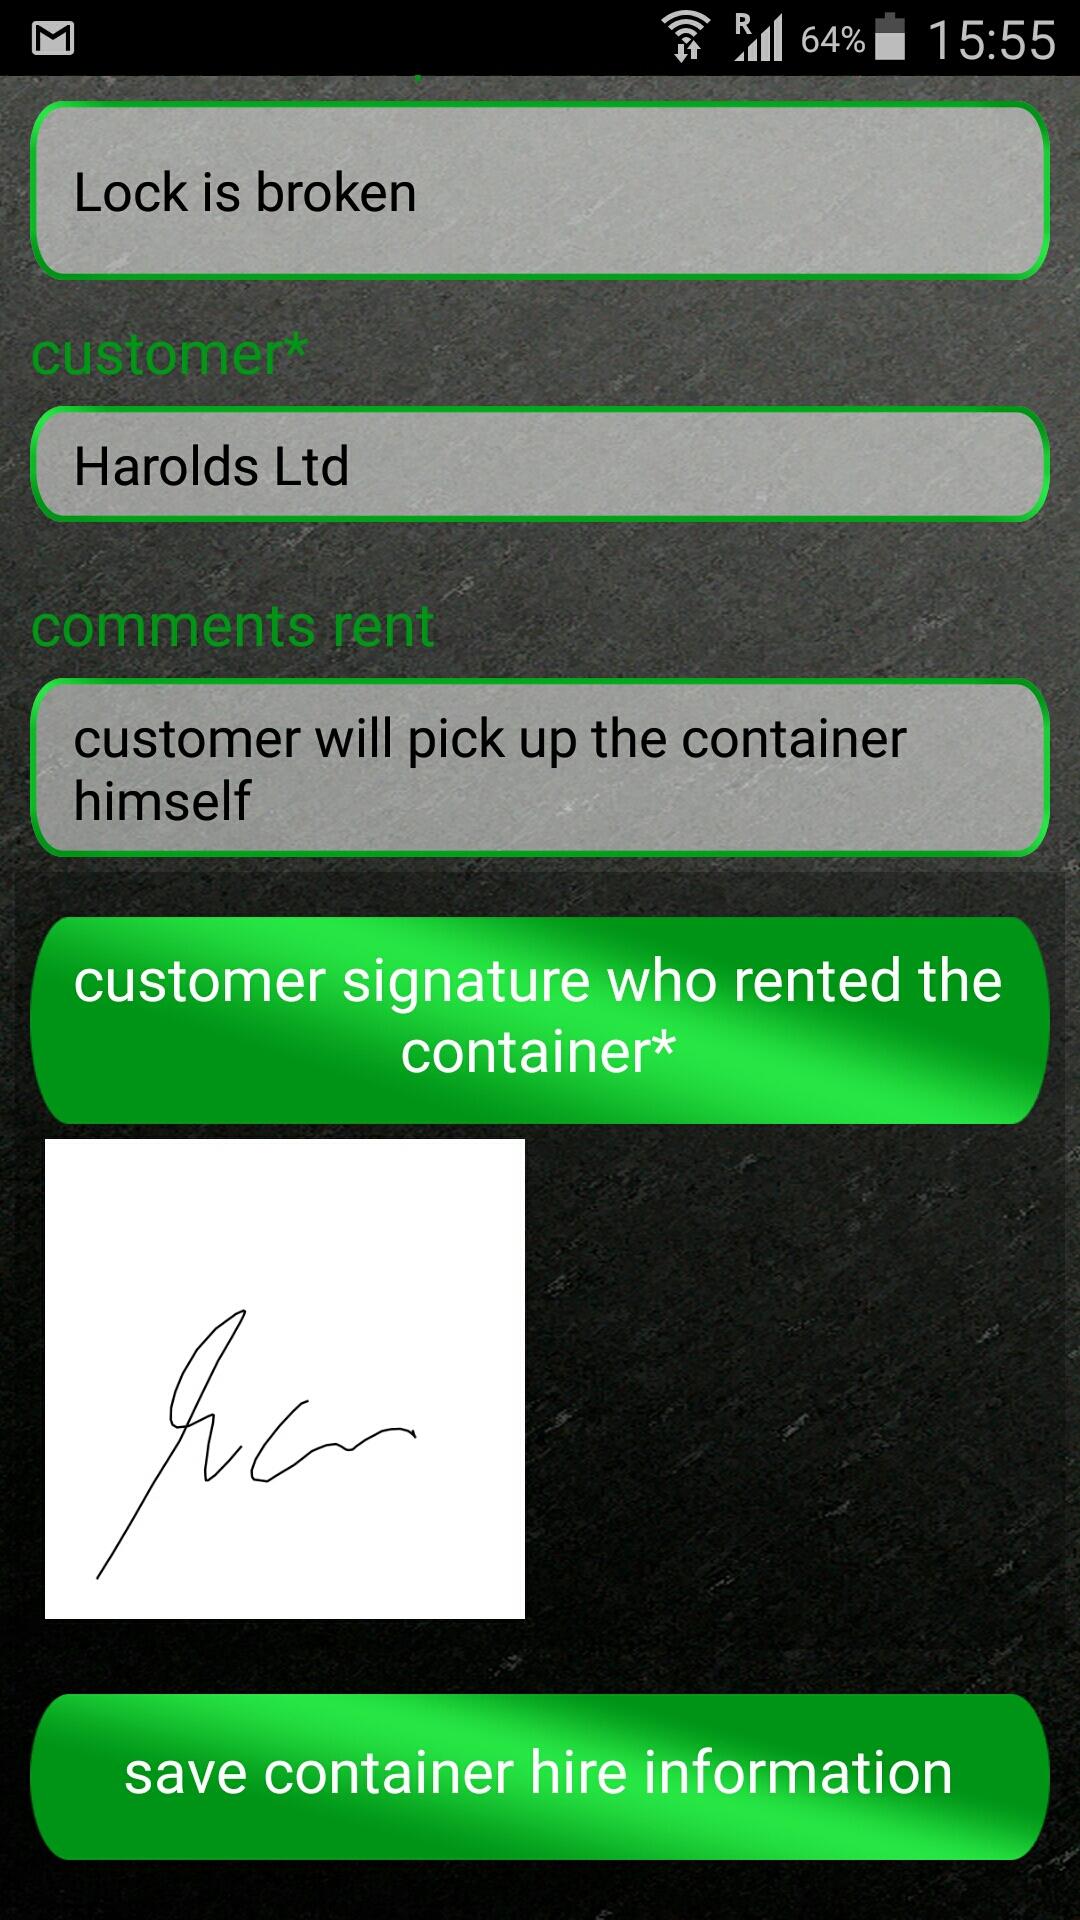 ginstr_app_containerHire_EN_4